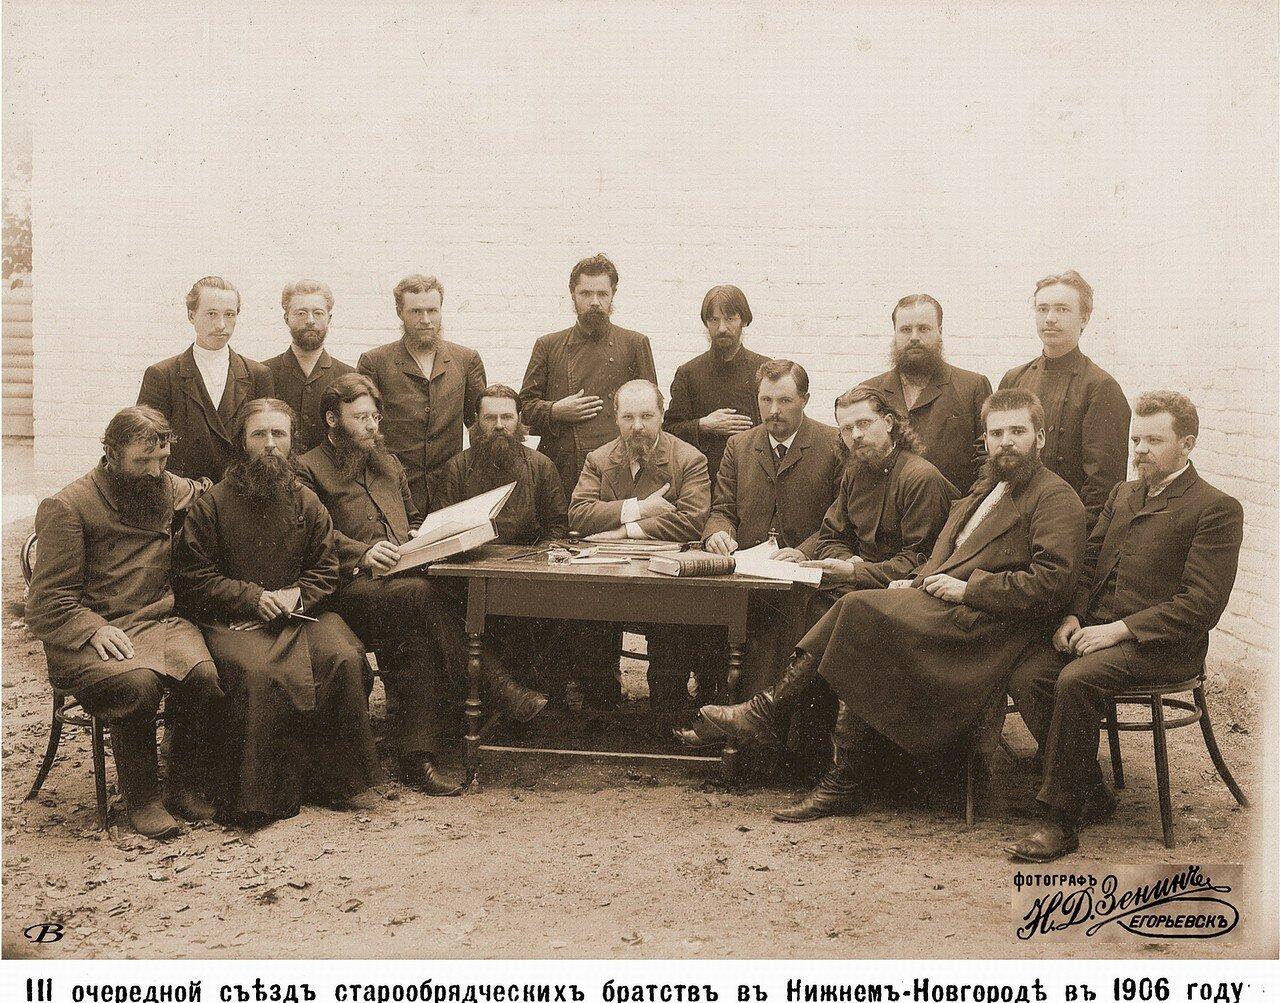 III очередной всероссийский съезд старообрядцев в Нижнем Новгороде